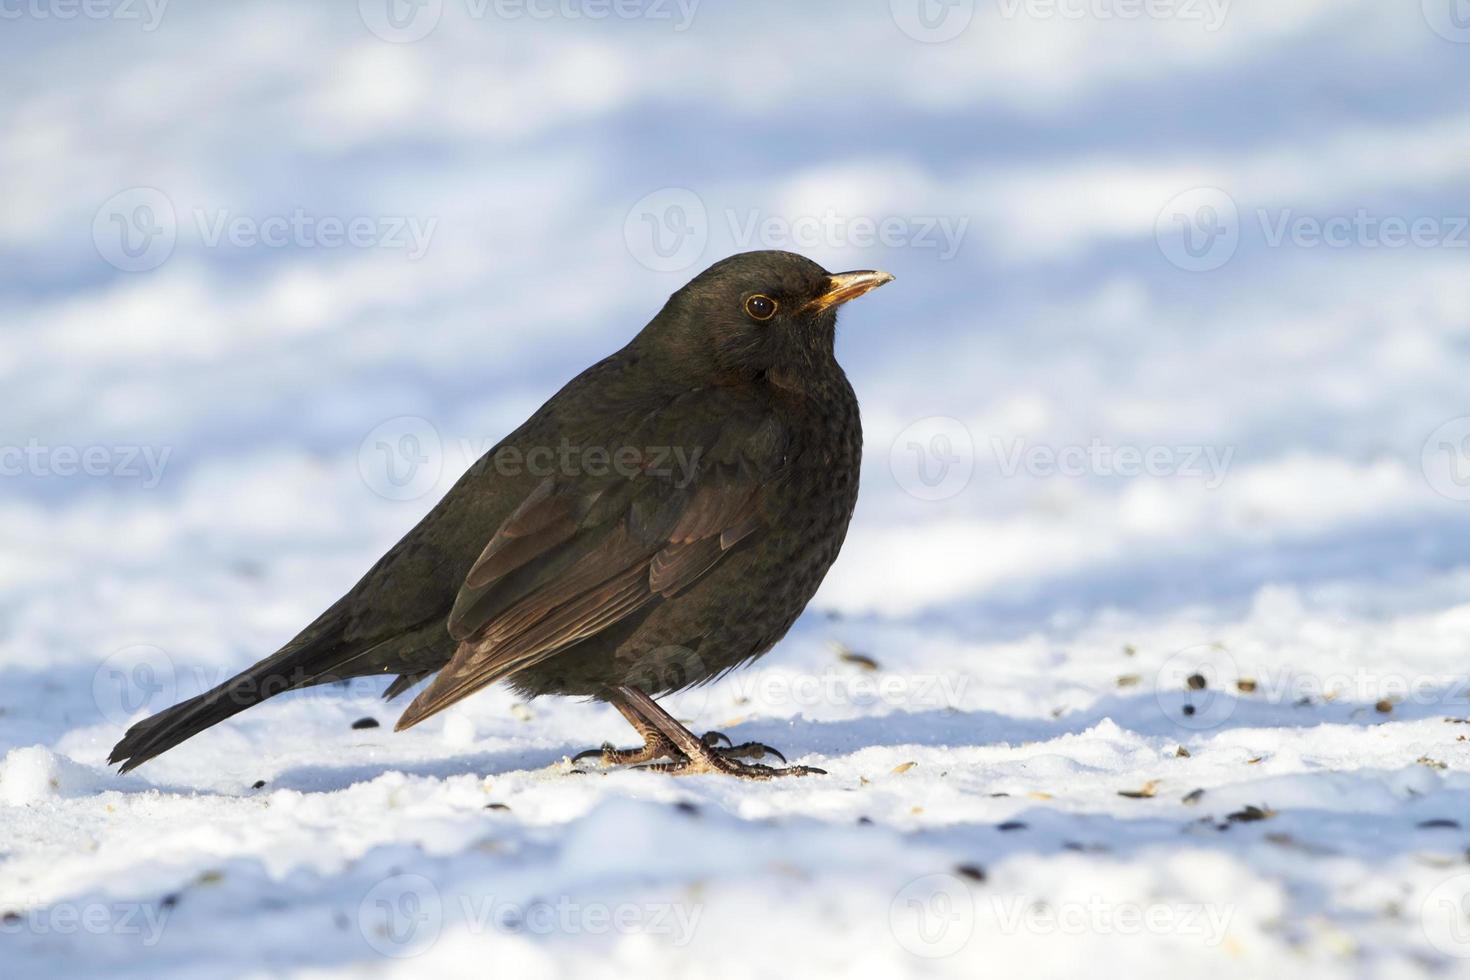 Blackbird in winter photo